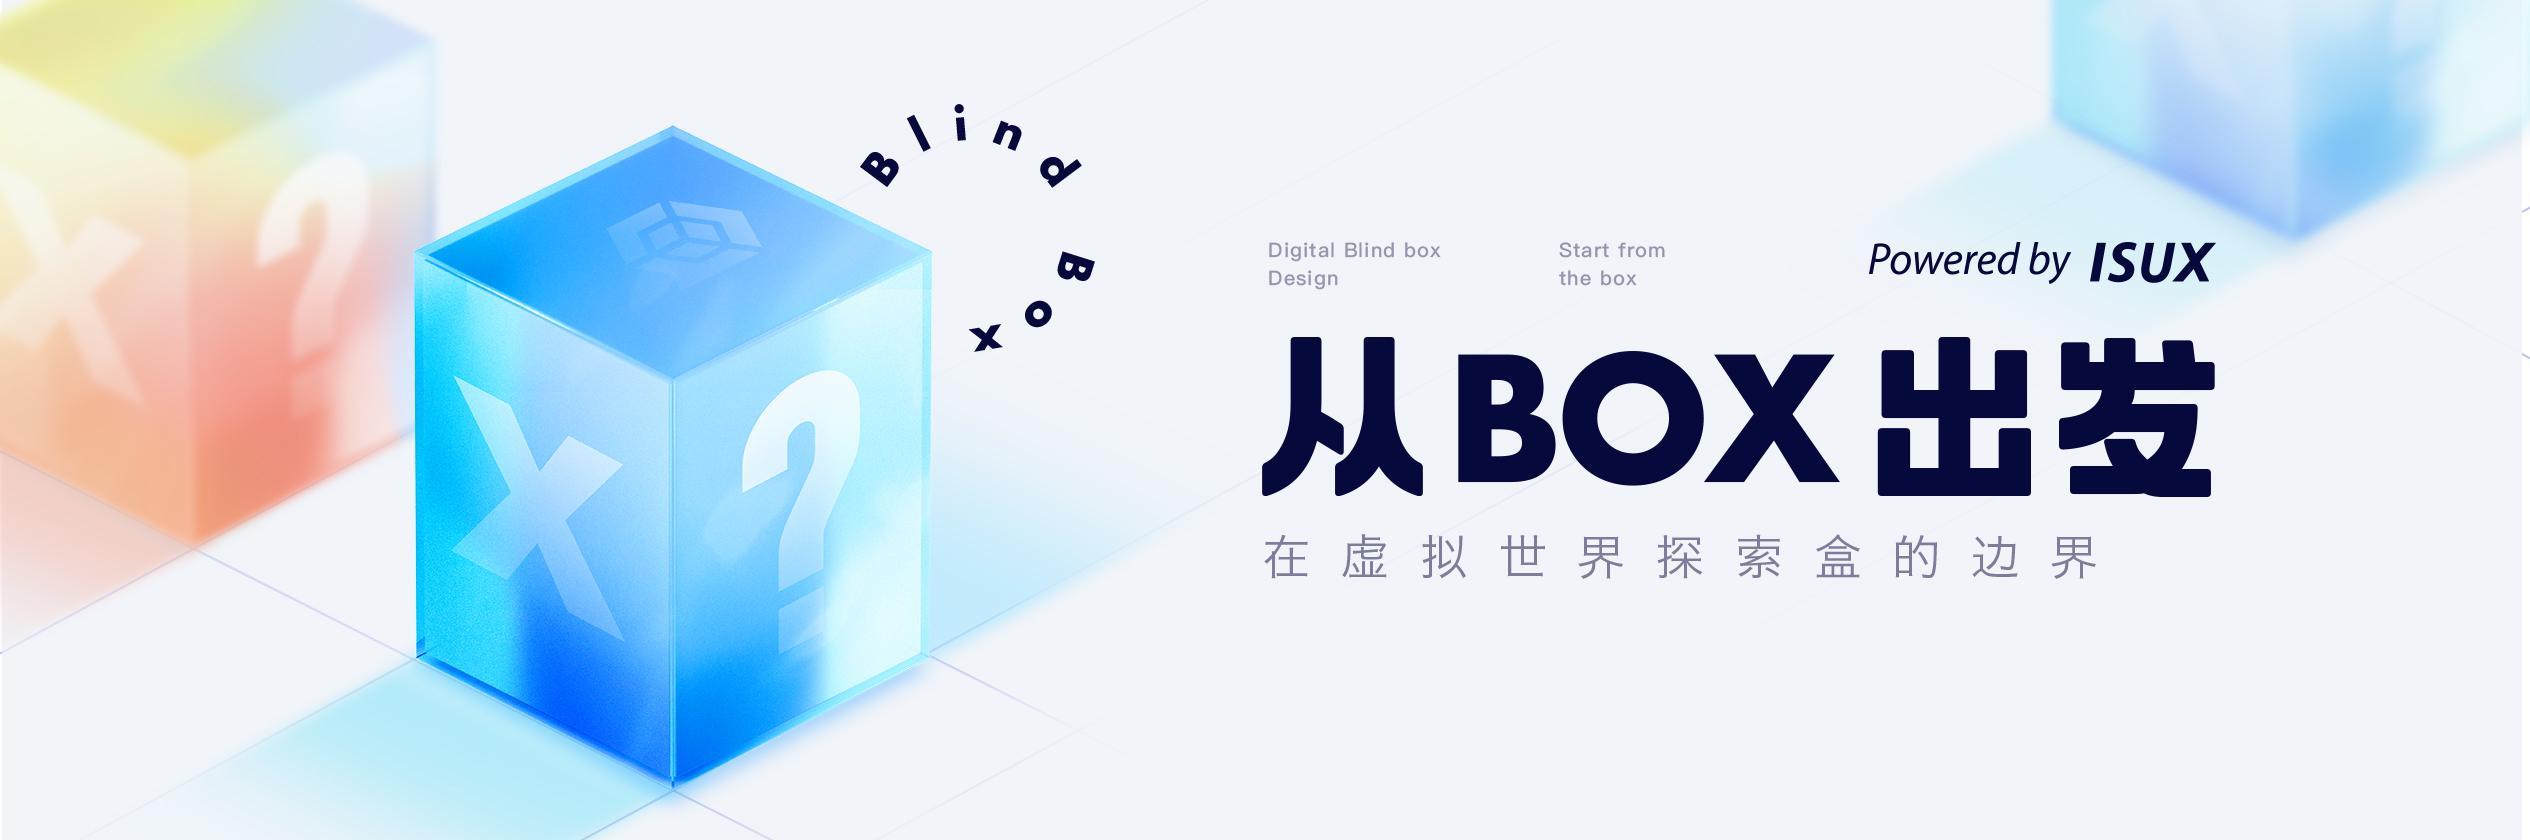 数字盲盒 在虚拟世界探索「盒」的边界